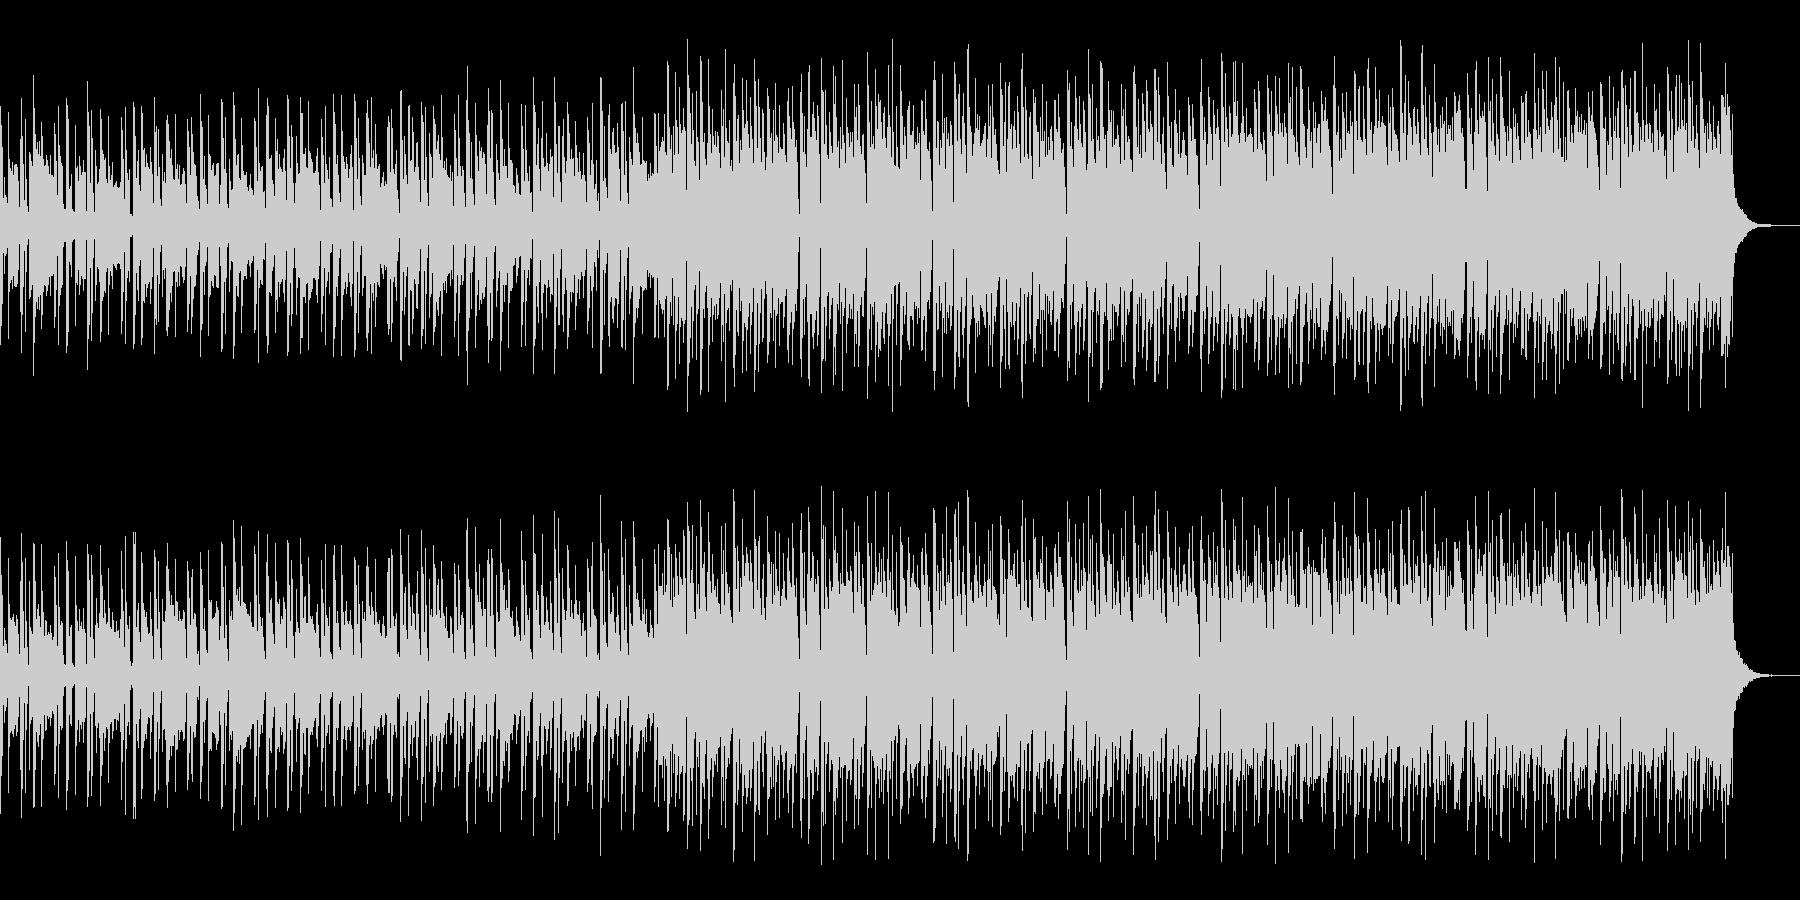 レトロで疾走感のあるゲームBGMの未再生の波形